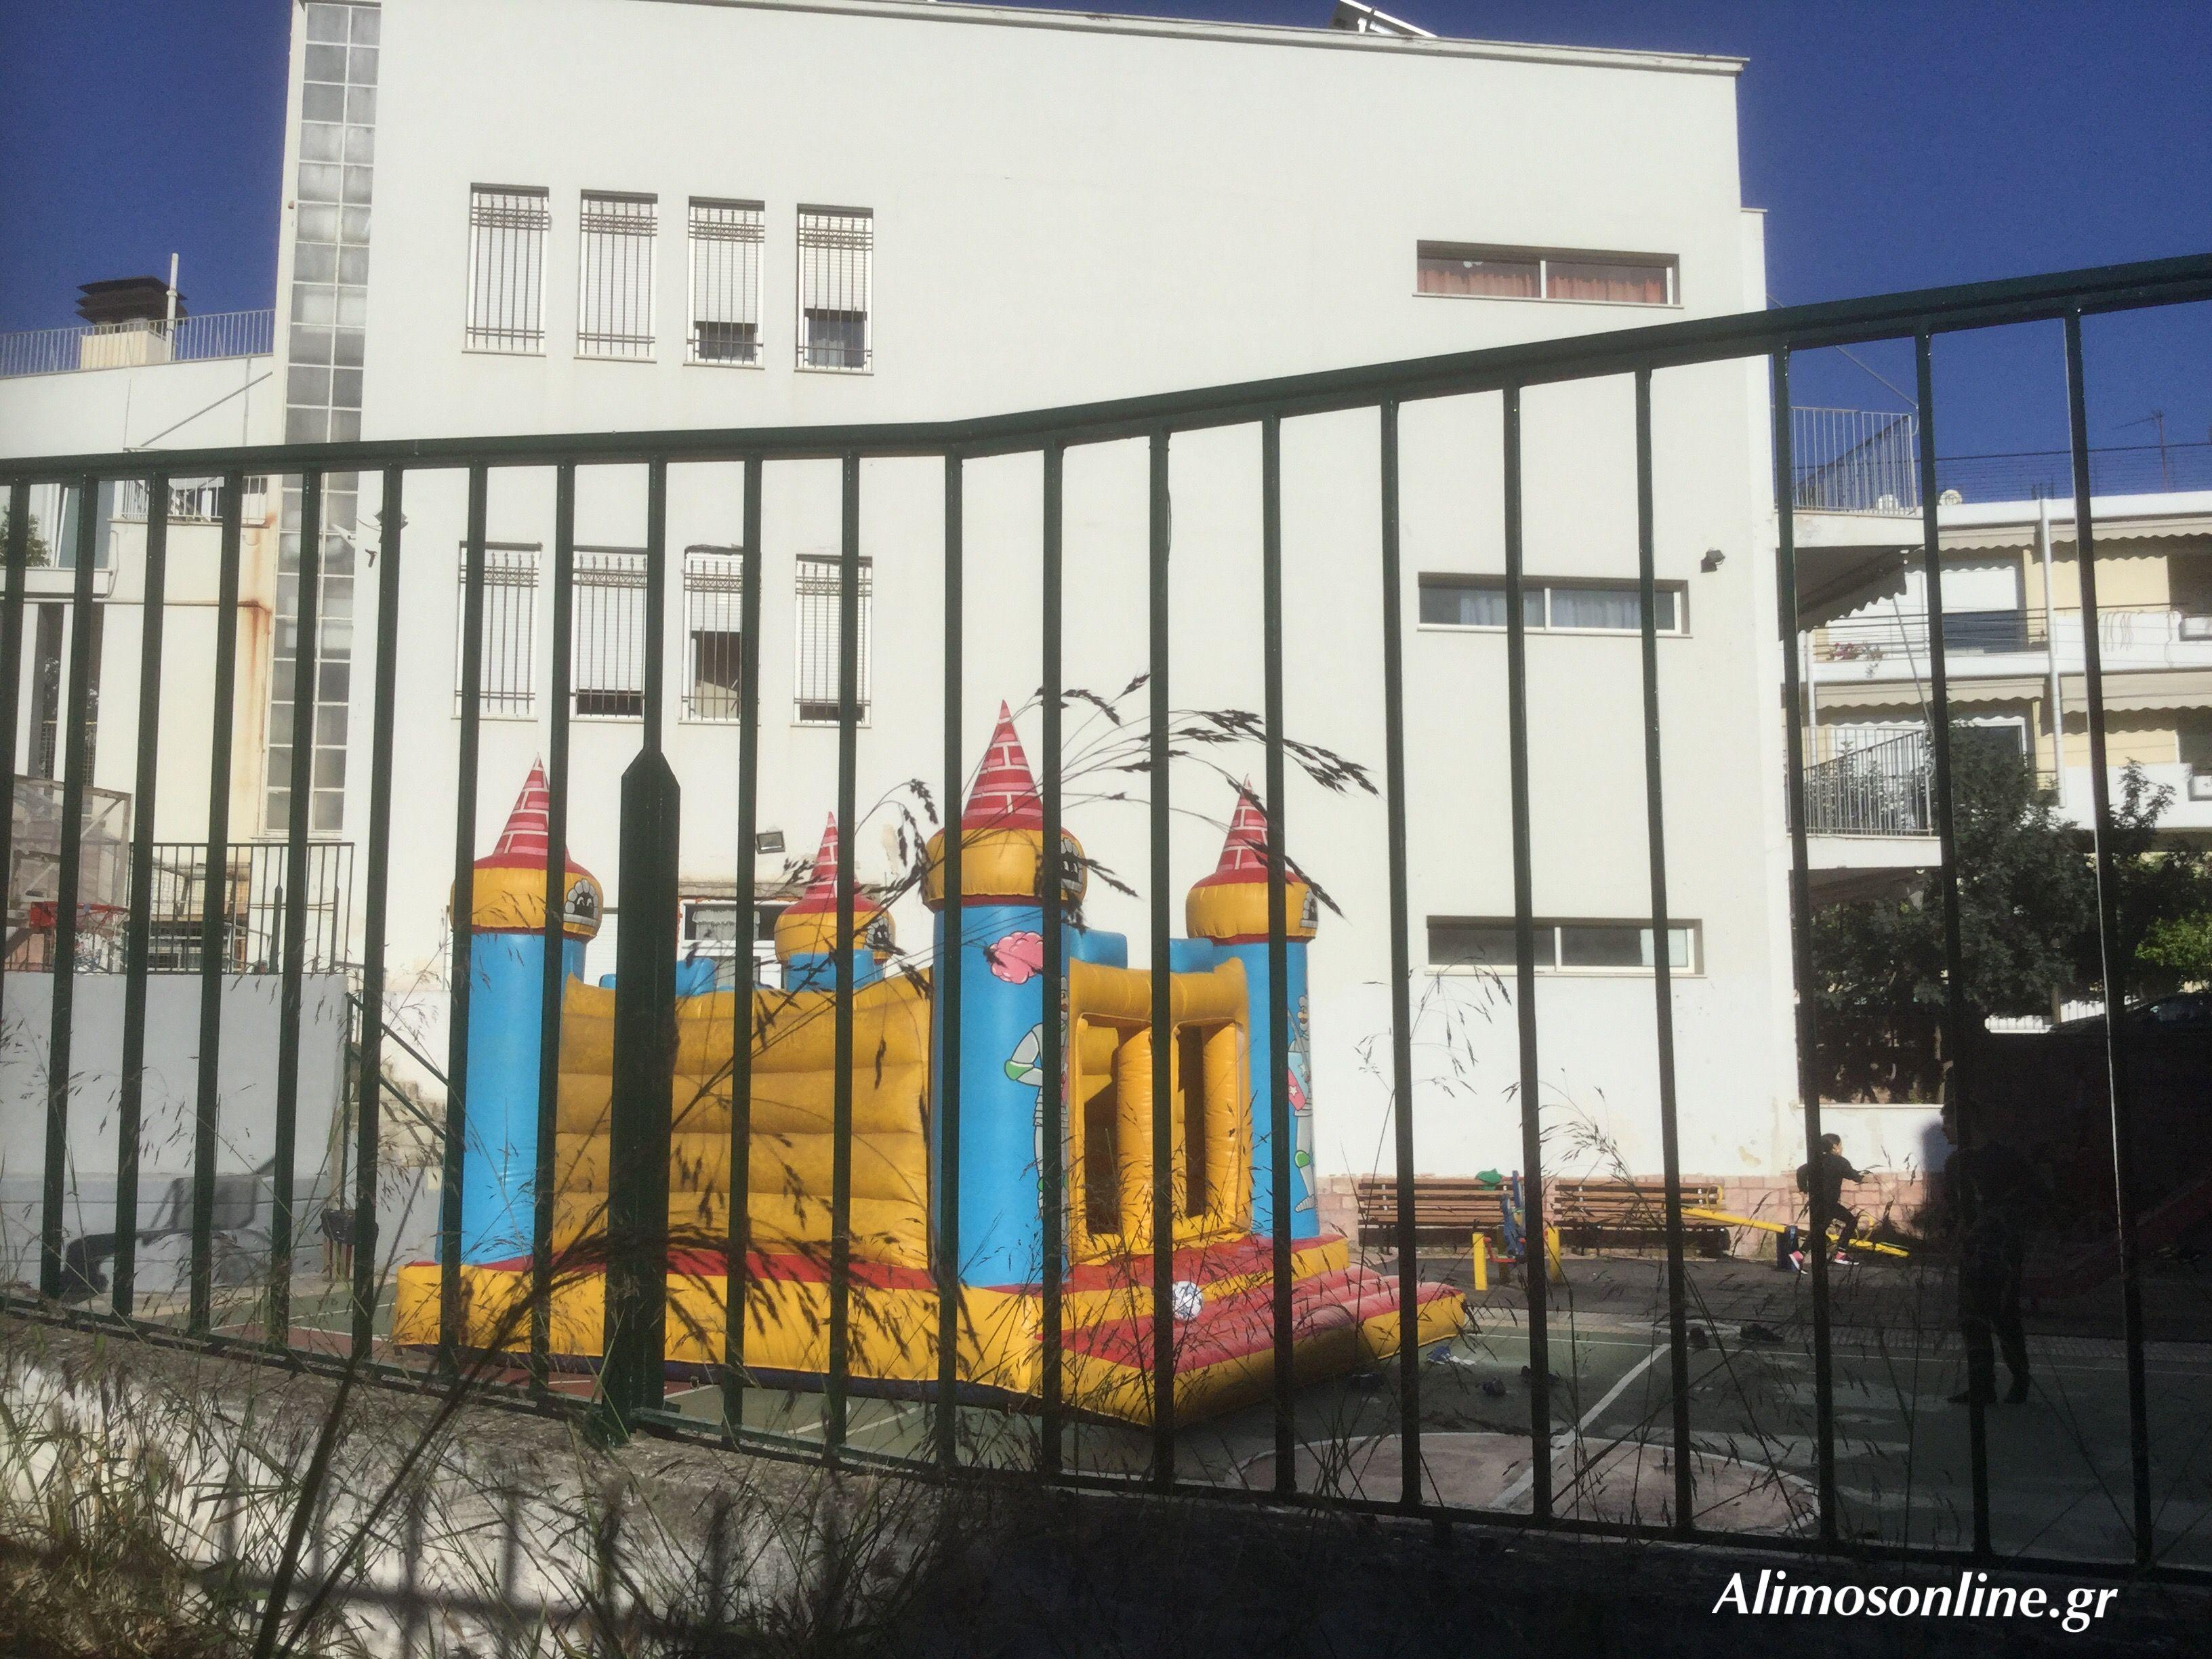 Έπαιξαν με την καρδιά τους τα παιδάκια της Παιδόπολης Αλίμου